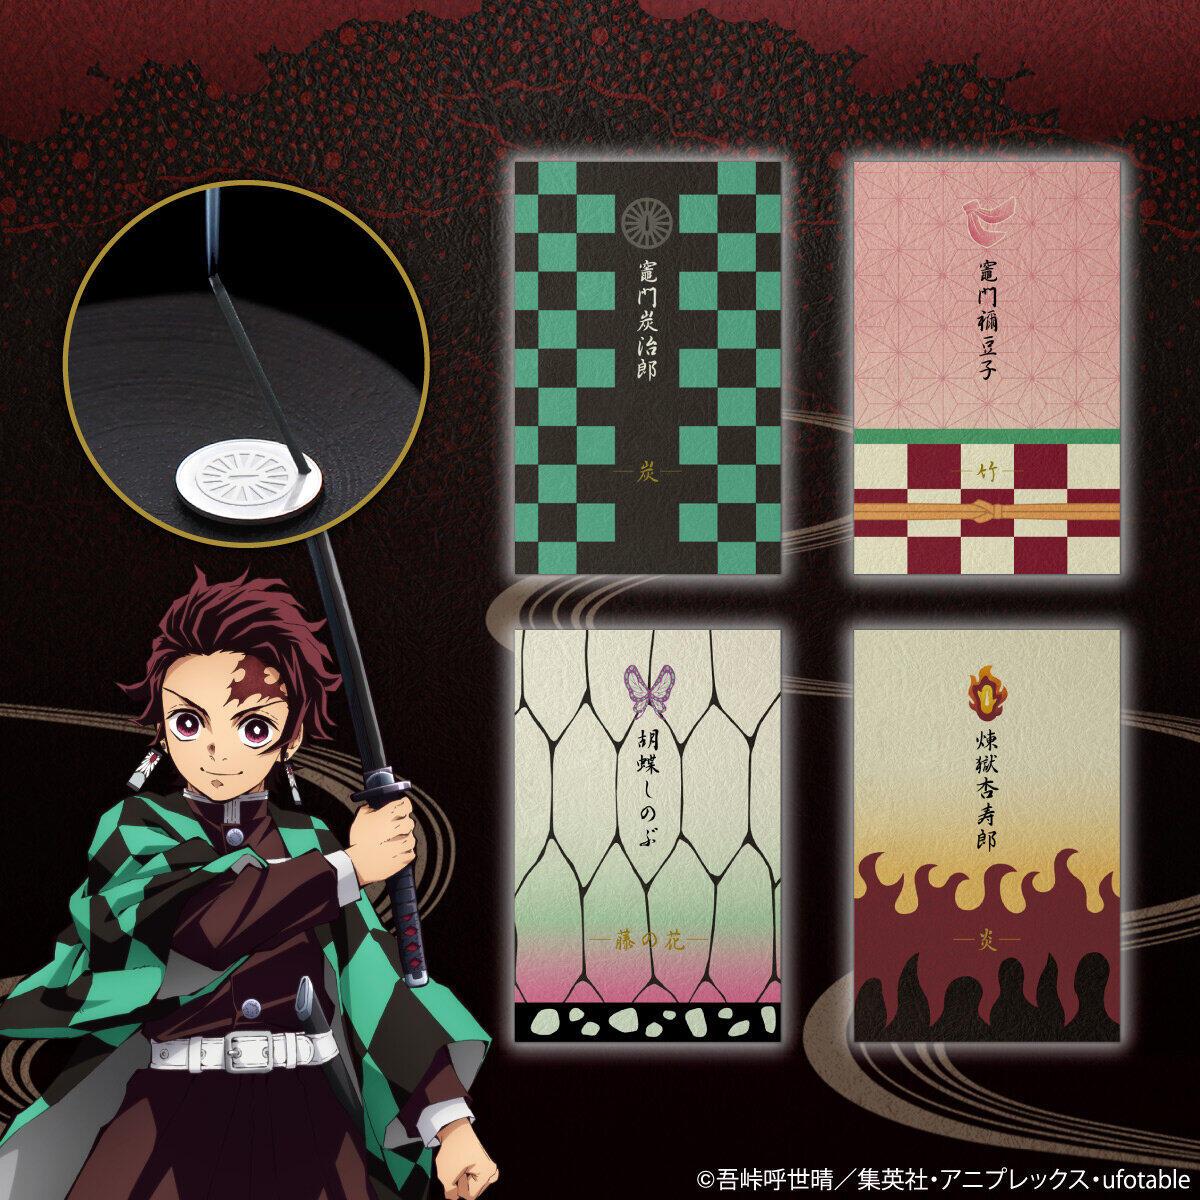 「鬼滅の刃」4キャラをイメージ 日本香堂とコラボの「お香」も